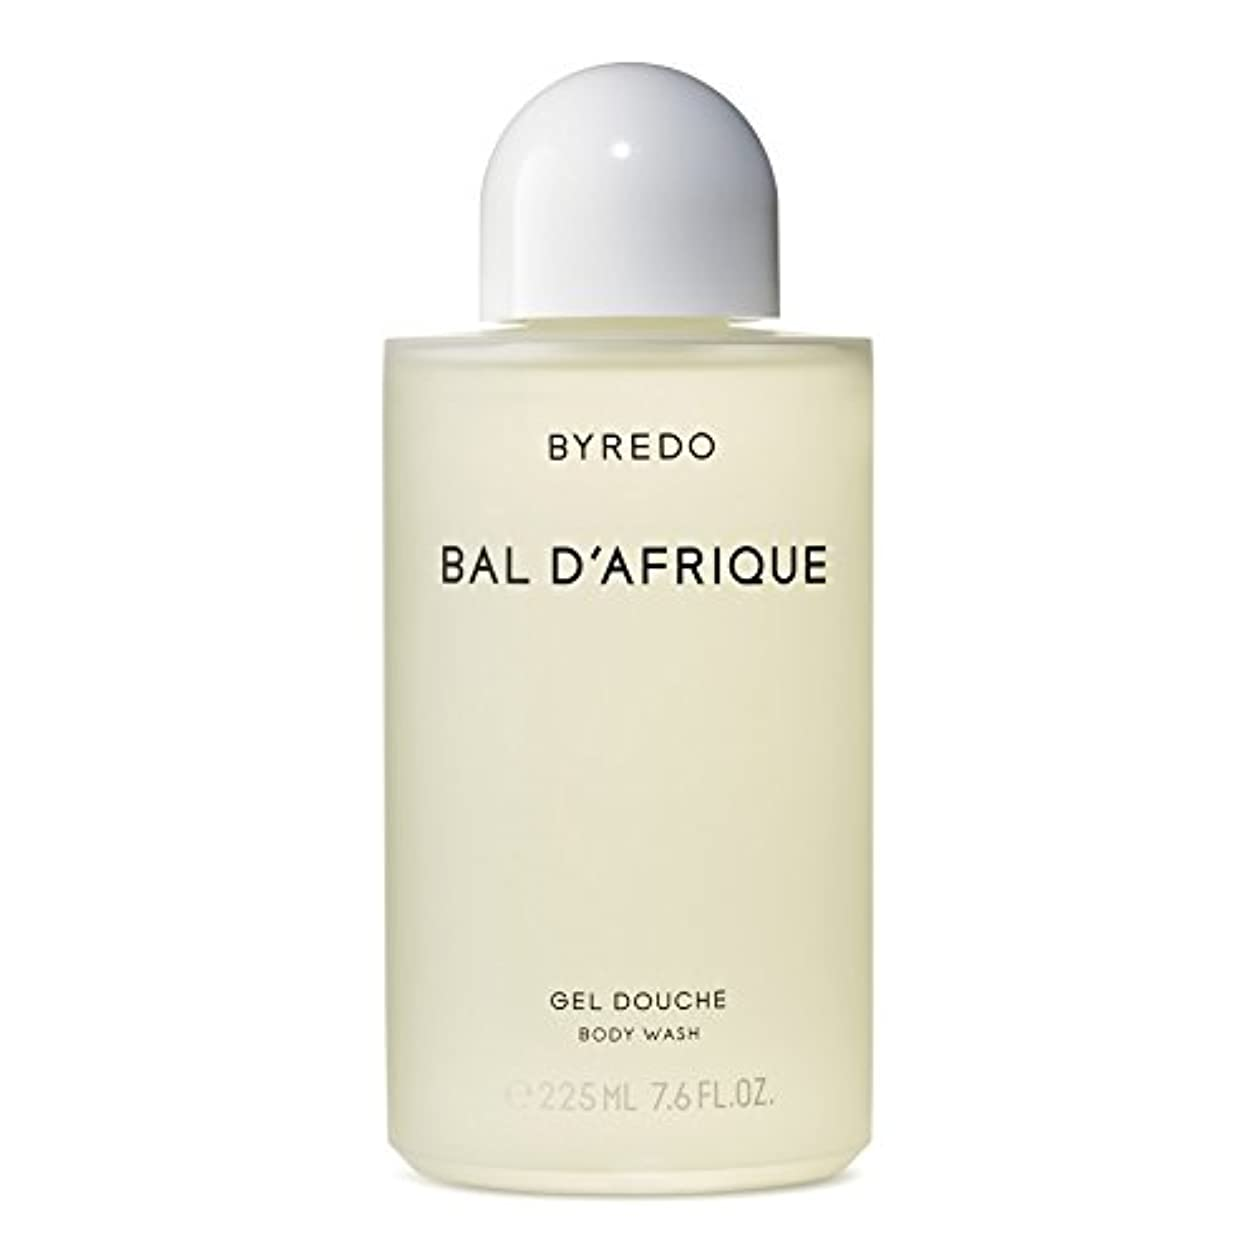 蒸留形式しわ'のボディウォッシュ225ミリリットル x2 - Byredo Bal d'Afrique Body Wash 225ml (Pack of 2) [並行輸入品]